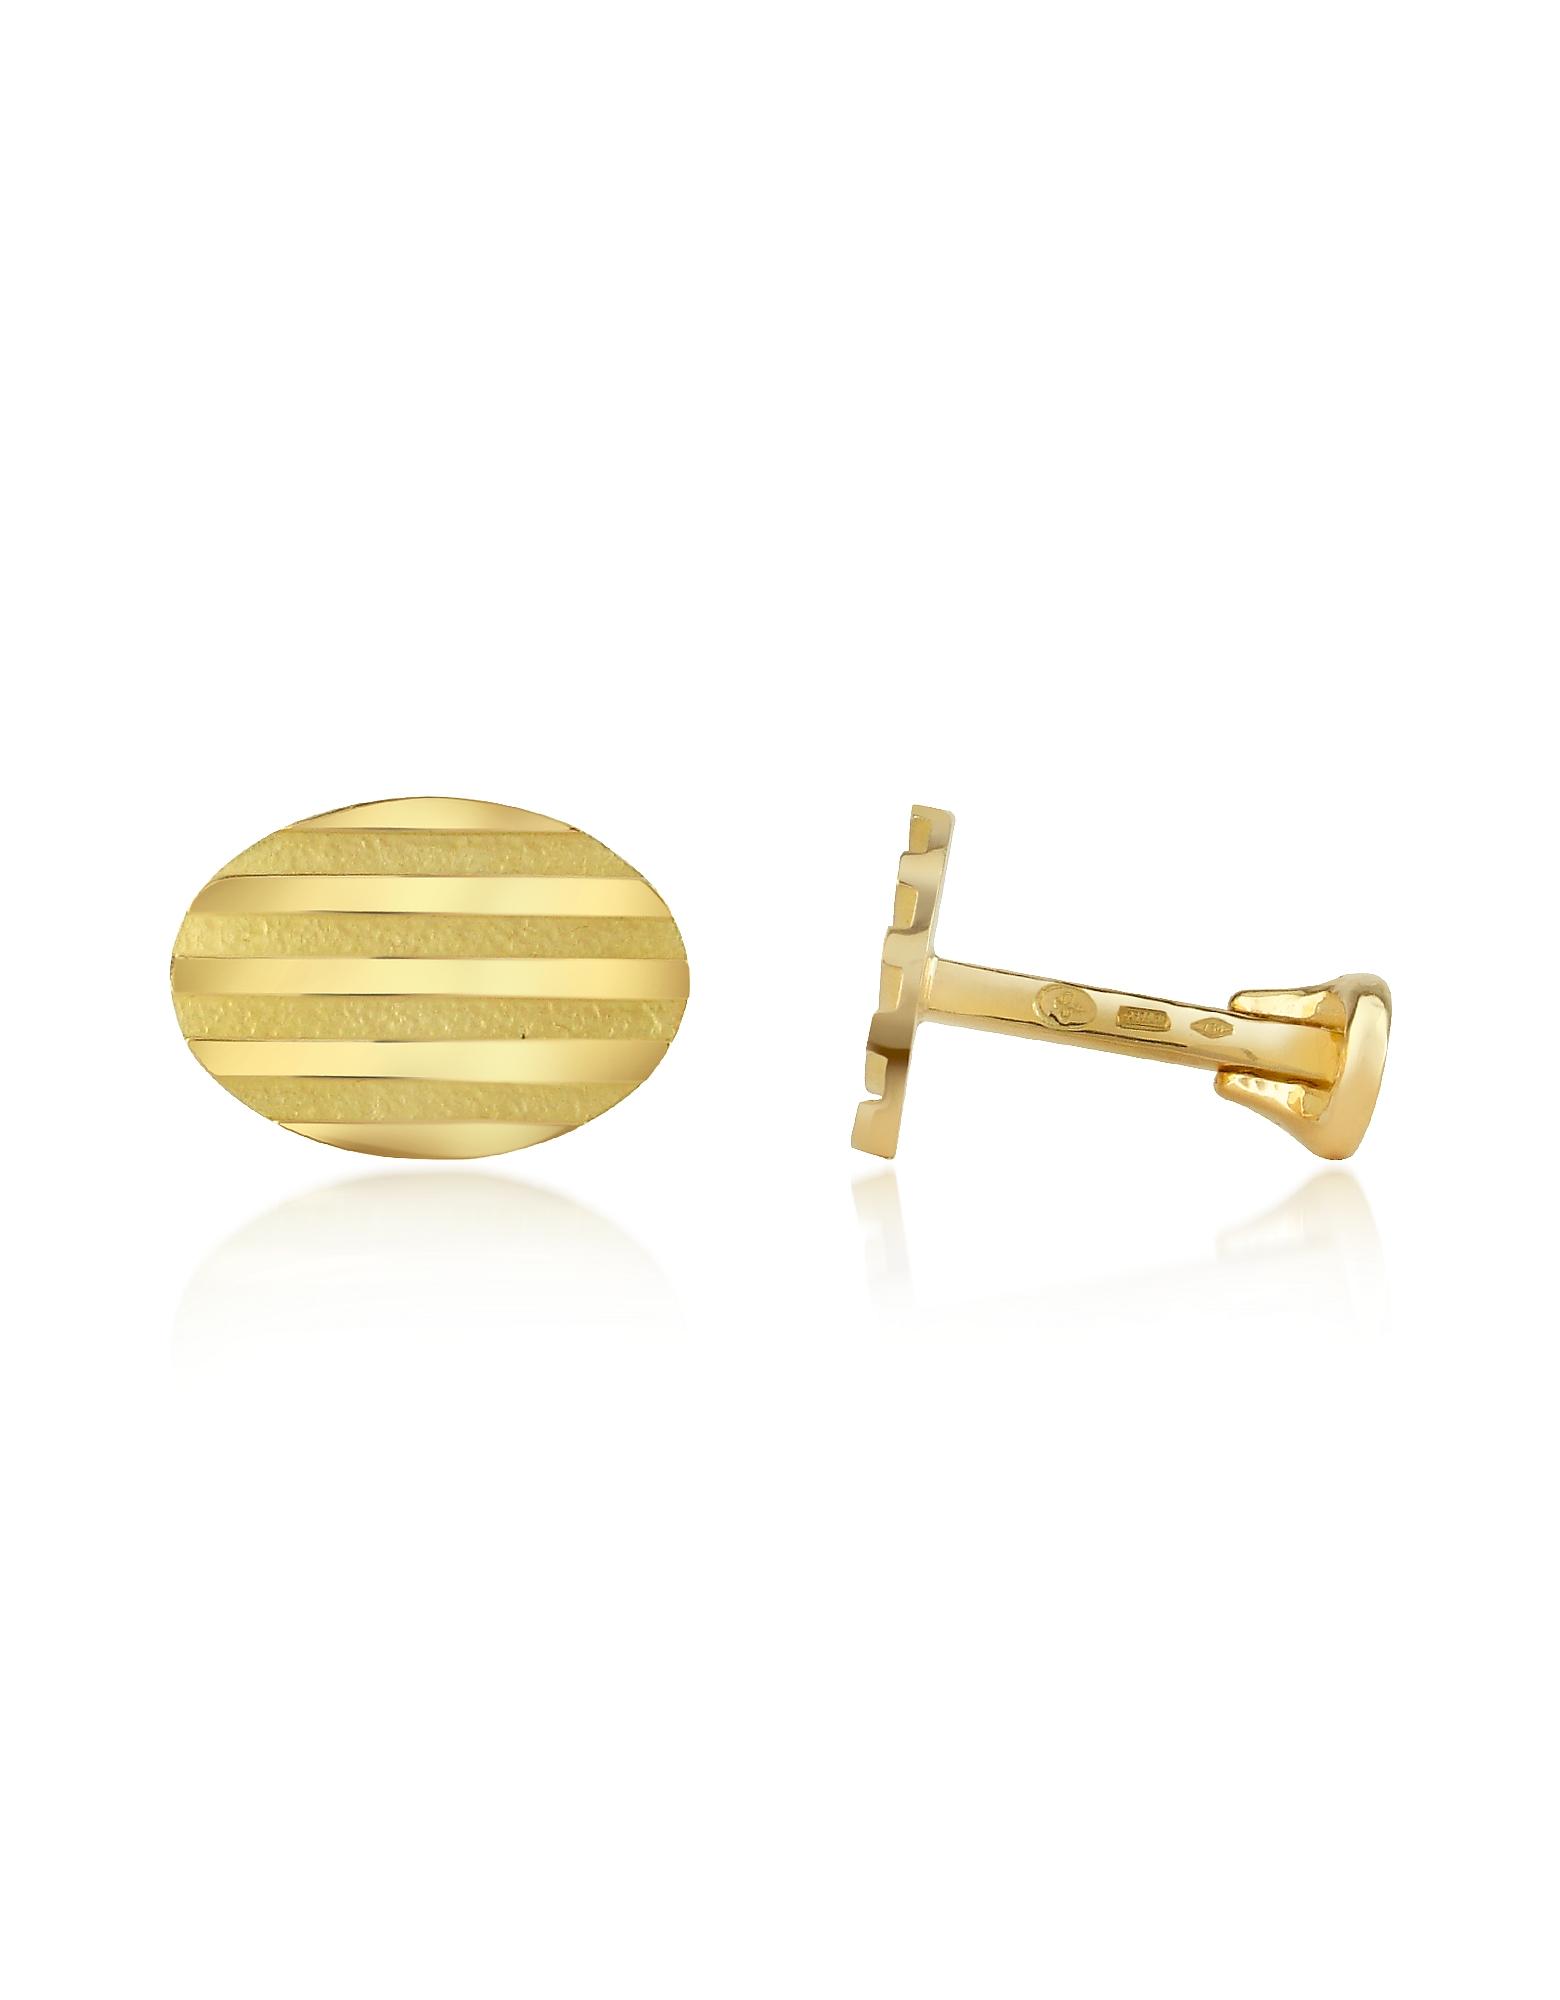 Stripes - Овальные Запонки из Желтого Золота 18 карат